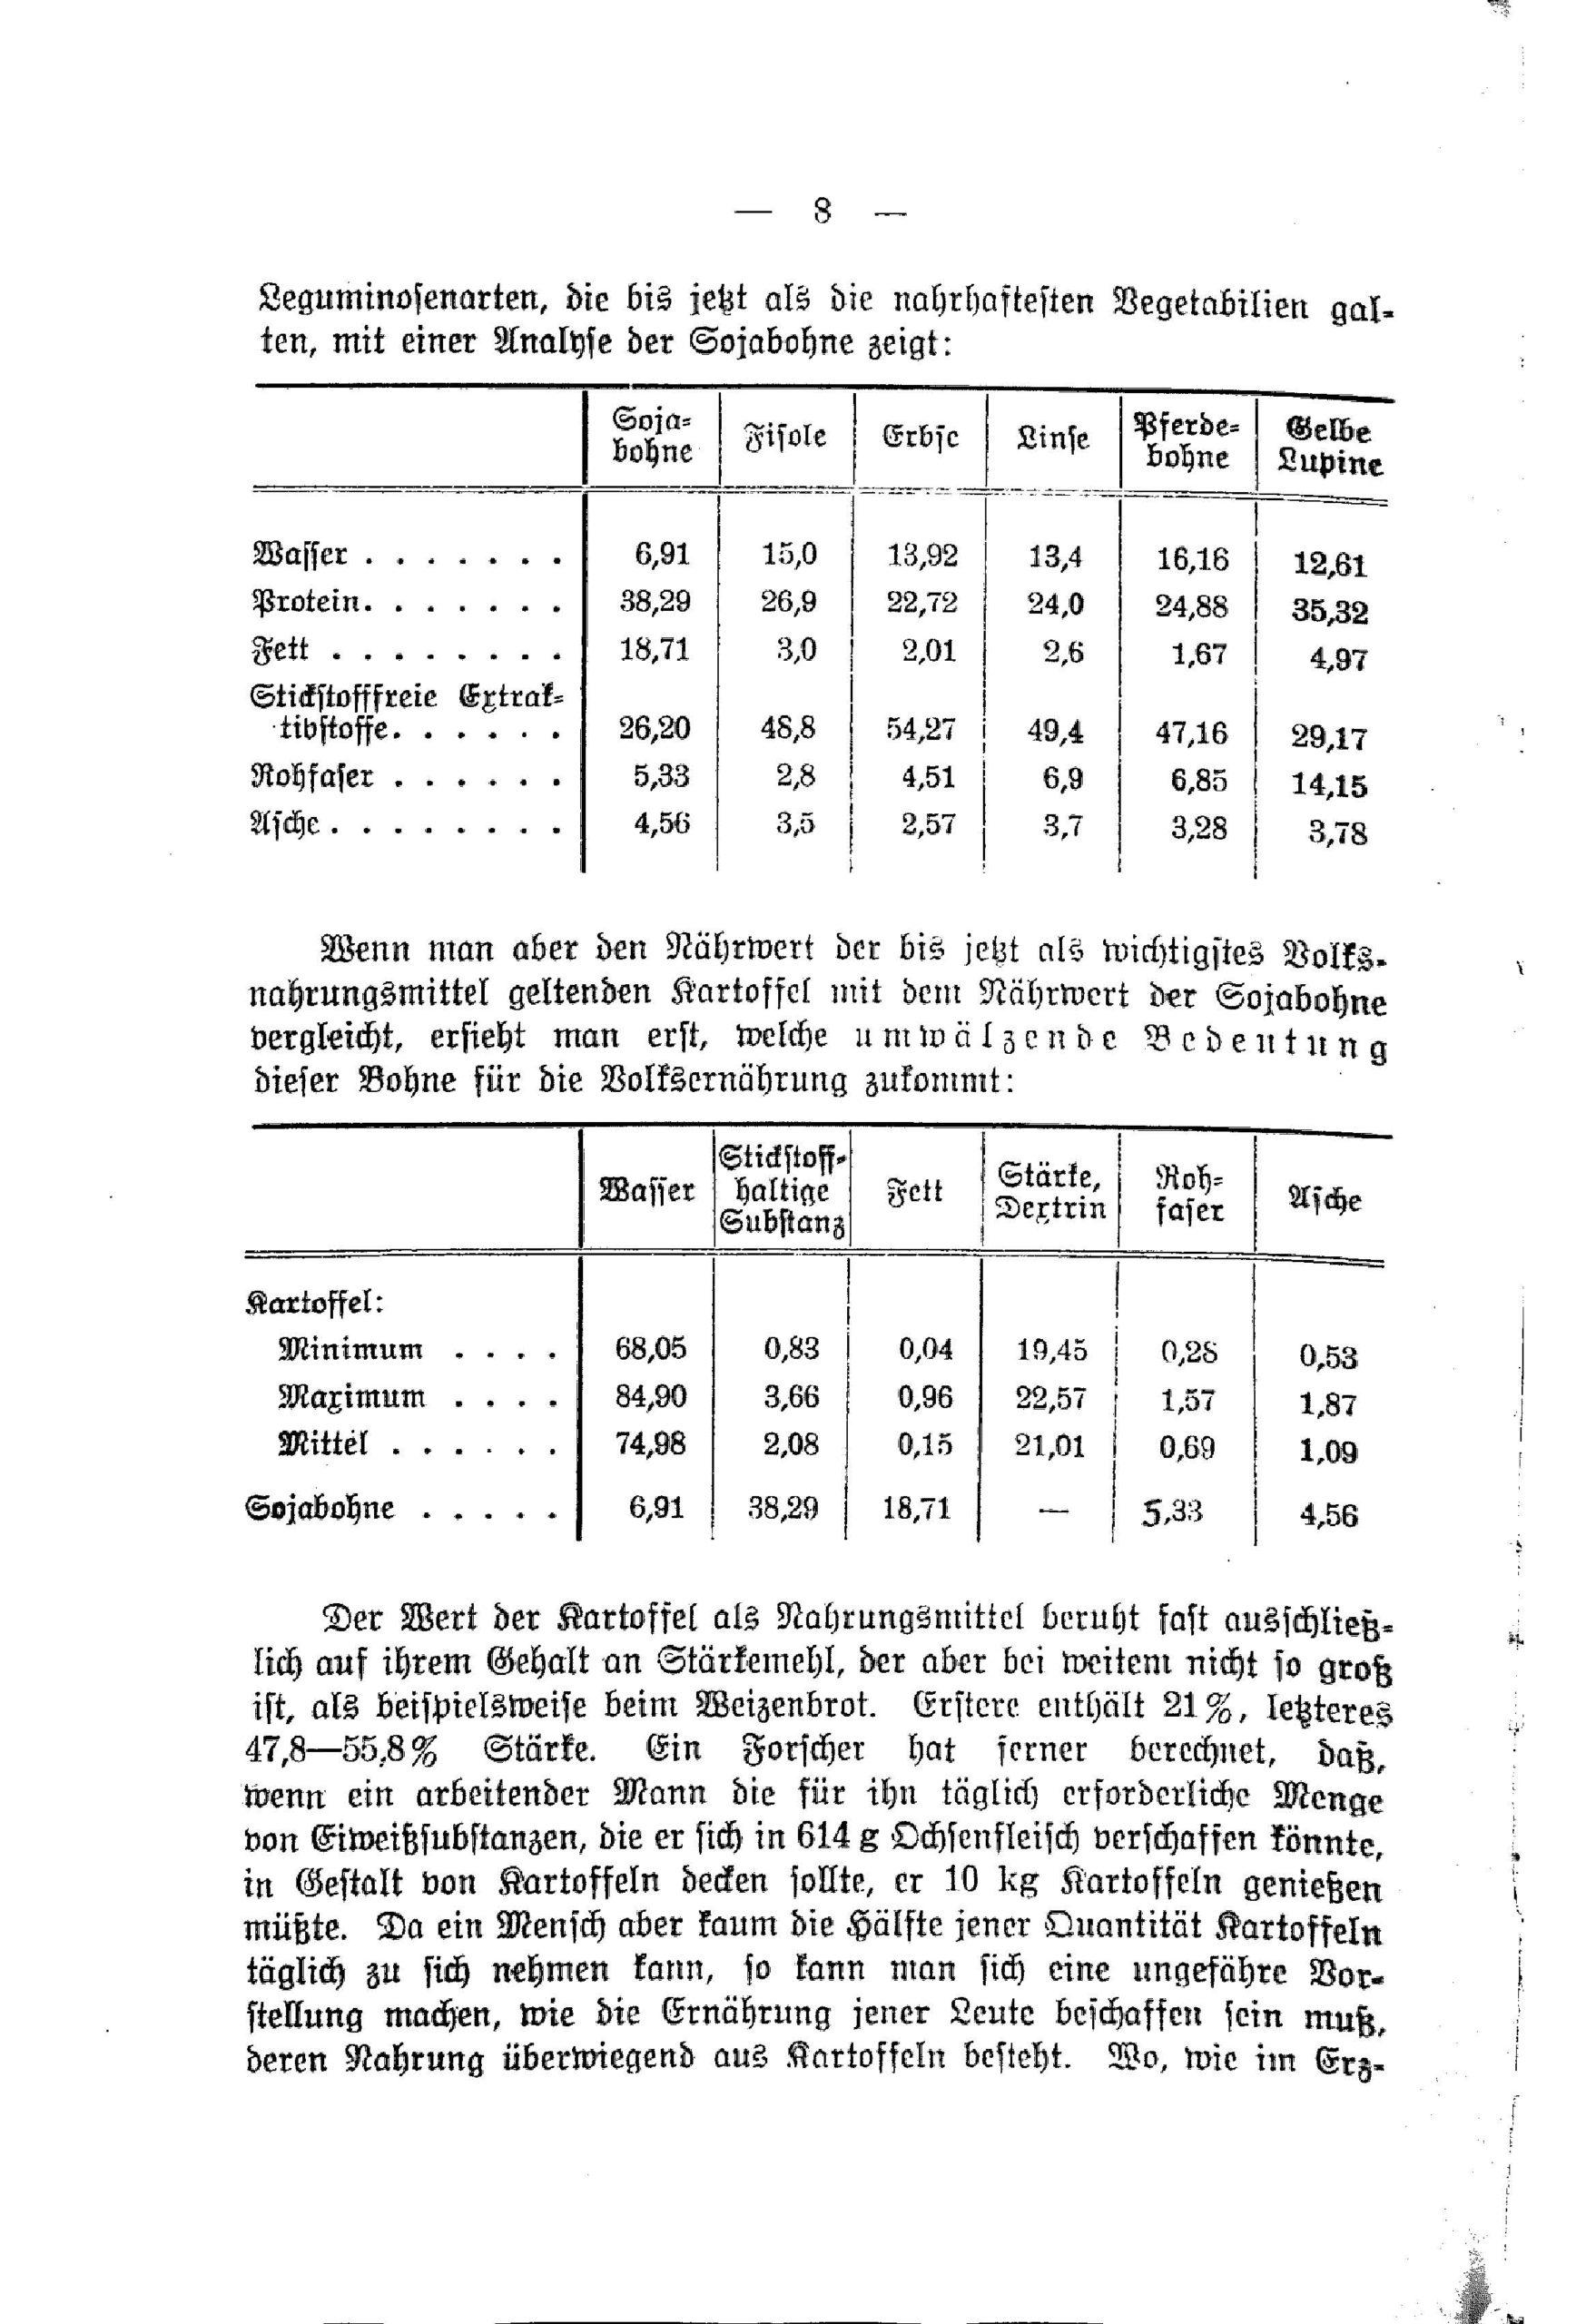 """Der Scan einer Seite aus """"Die Einführung der Soja, eine Umwälzung der Ernährung"""" zeigt zwei in den Text eingebettete Tabellen zum Nährstoffgehalt von Soja im Vergleich zu anderen Feldfrüchten wie Linsen und Kartoffeln."""